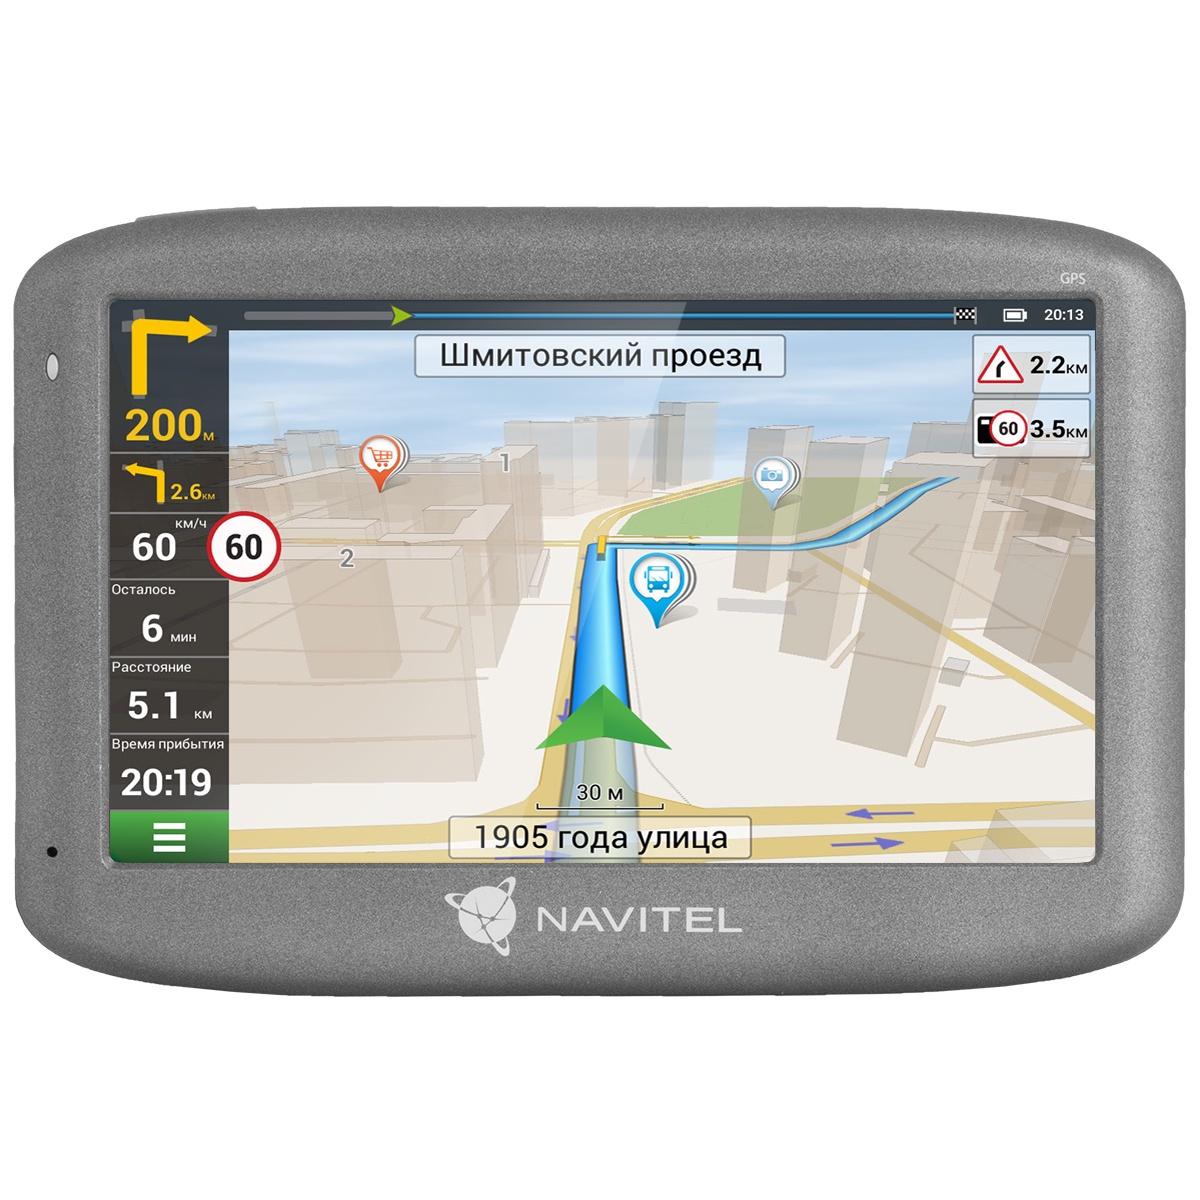 Автомобильный навигатор Navitel E505 Magnetic, серый